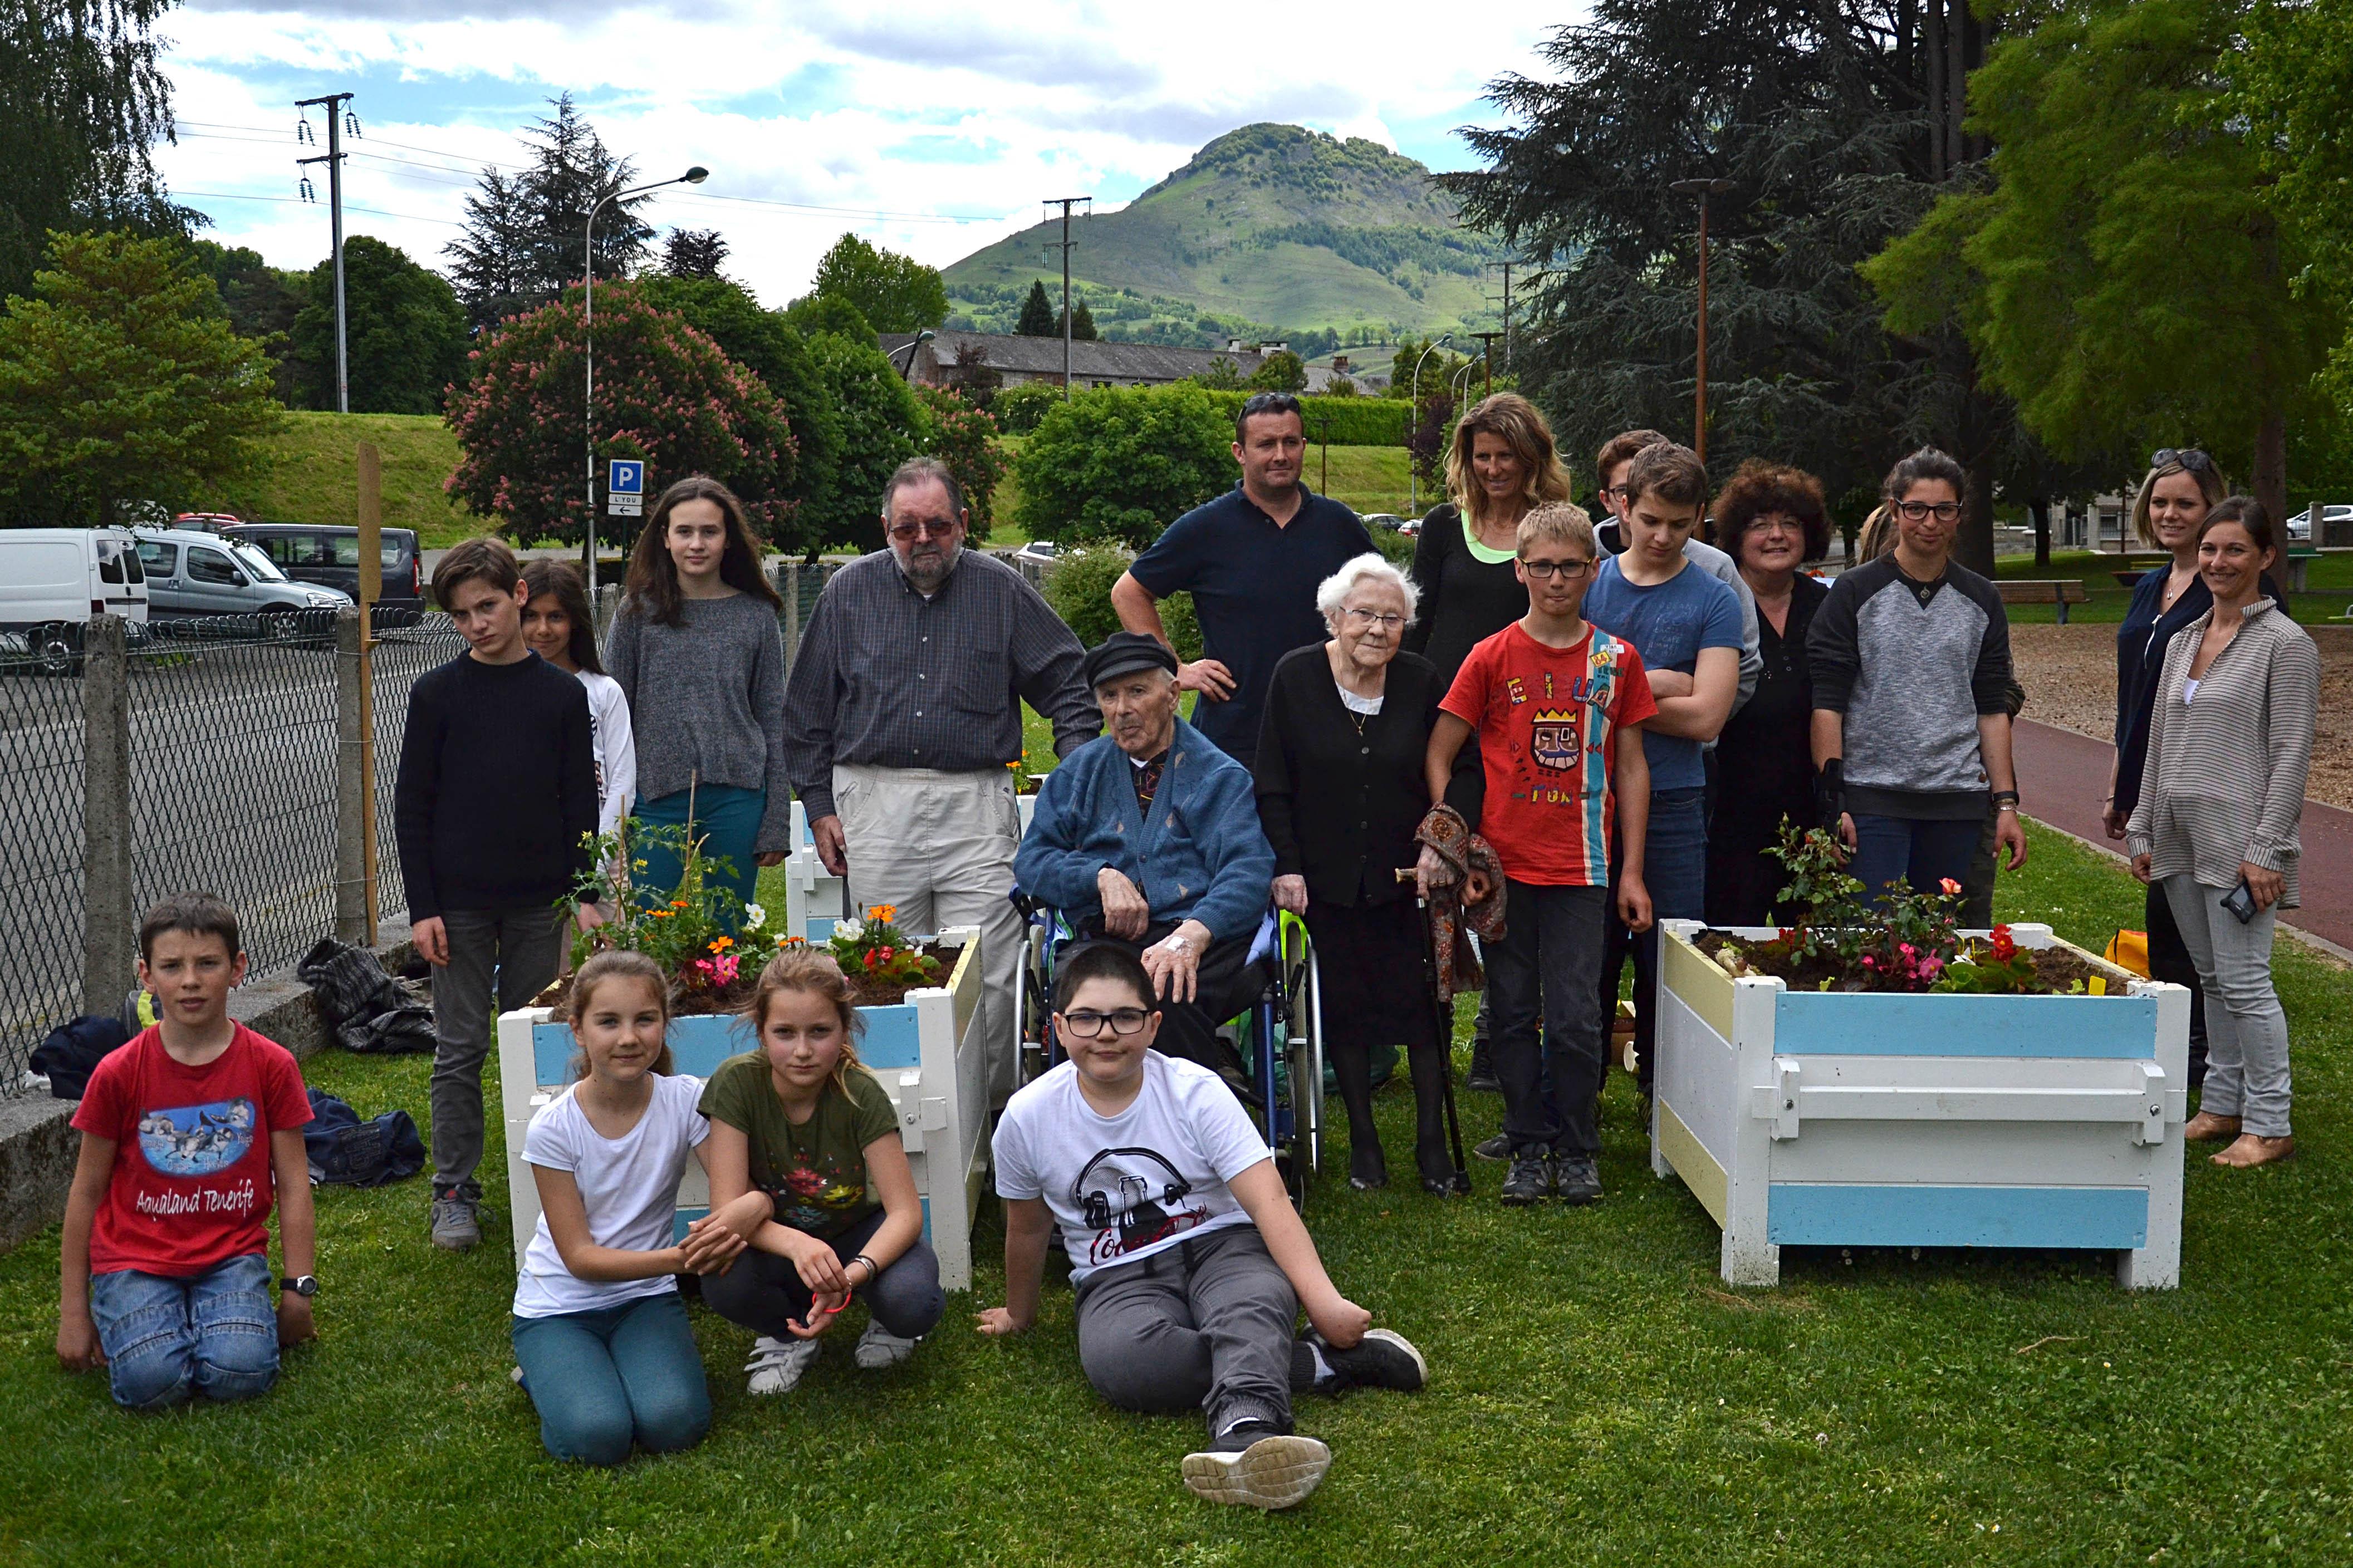 Jardin Participatif Au Jardin De L'You - Ville De Lourdes encequiconcerne Les Jardins De Lourdes